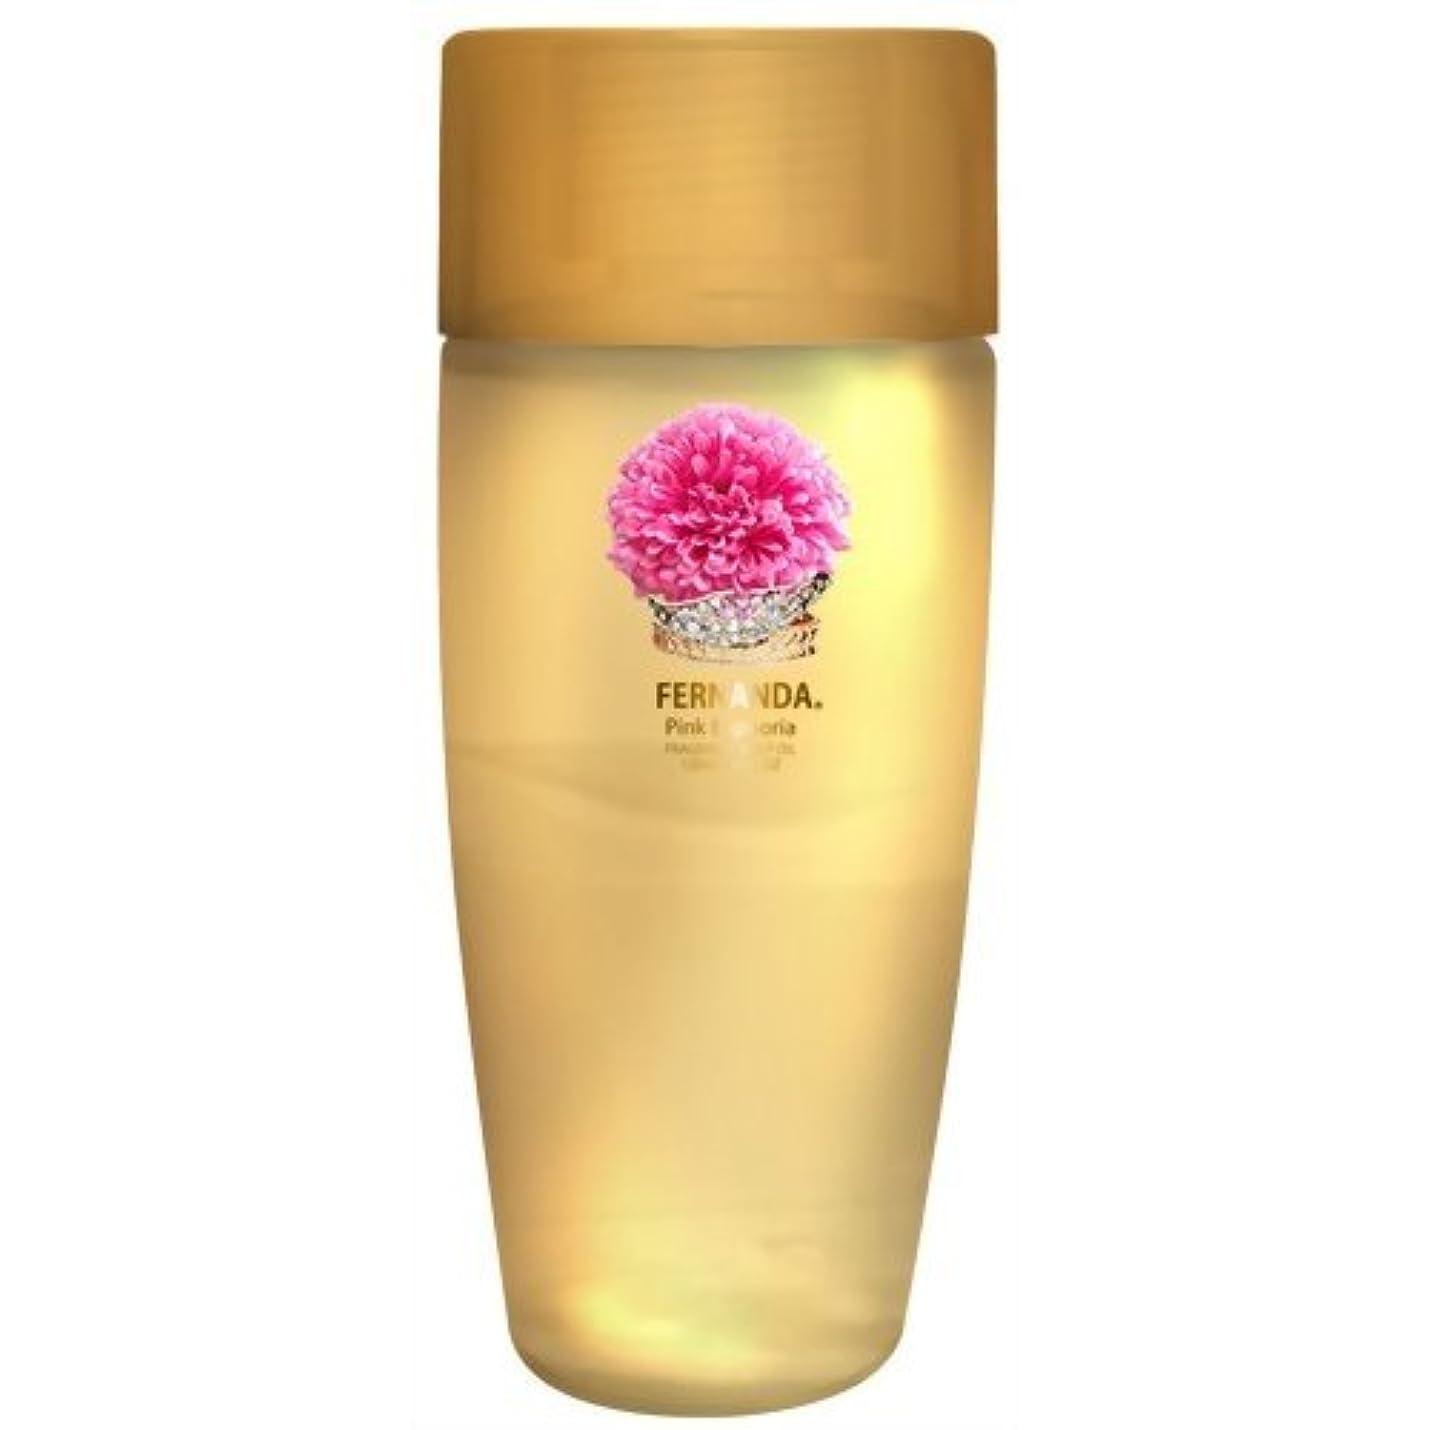 司法グレートバリアリーフ作物FERNANDA(フェルナンダ) Body Oil Pink Euphoria (ボディ オイル ピンクエウフォリア)